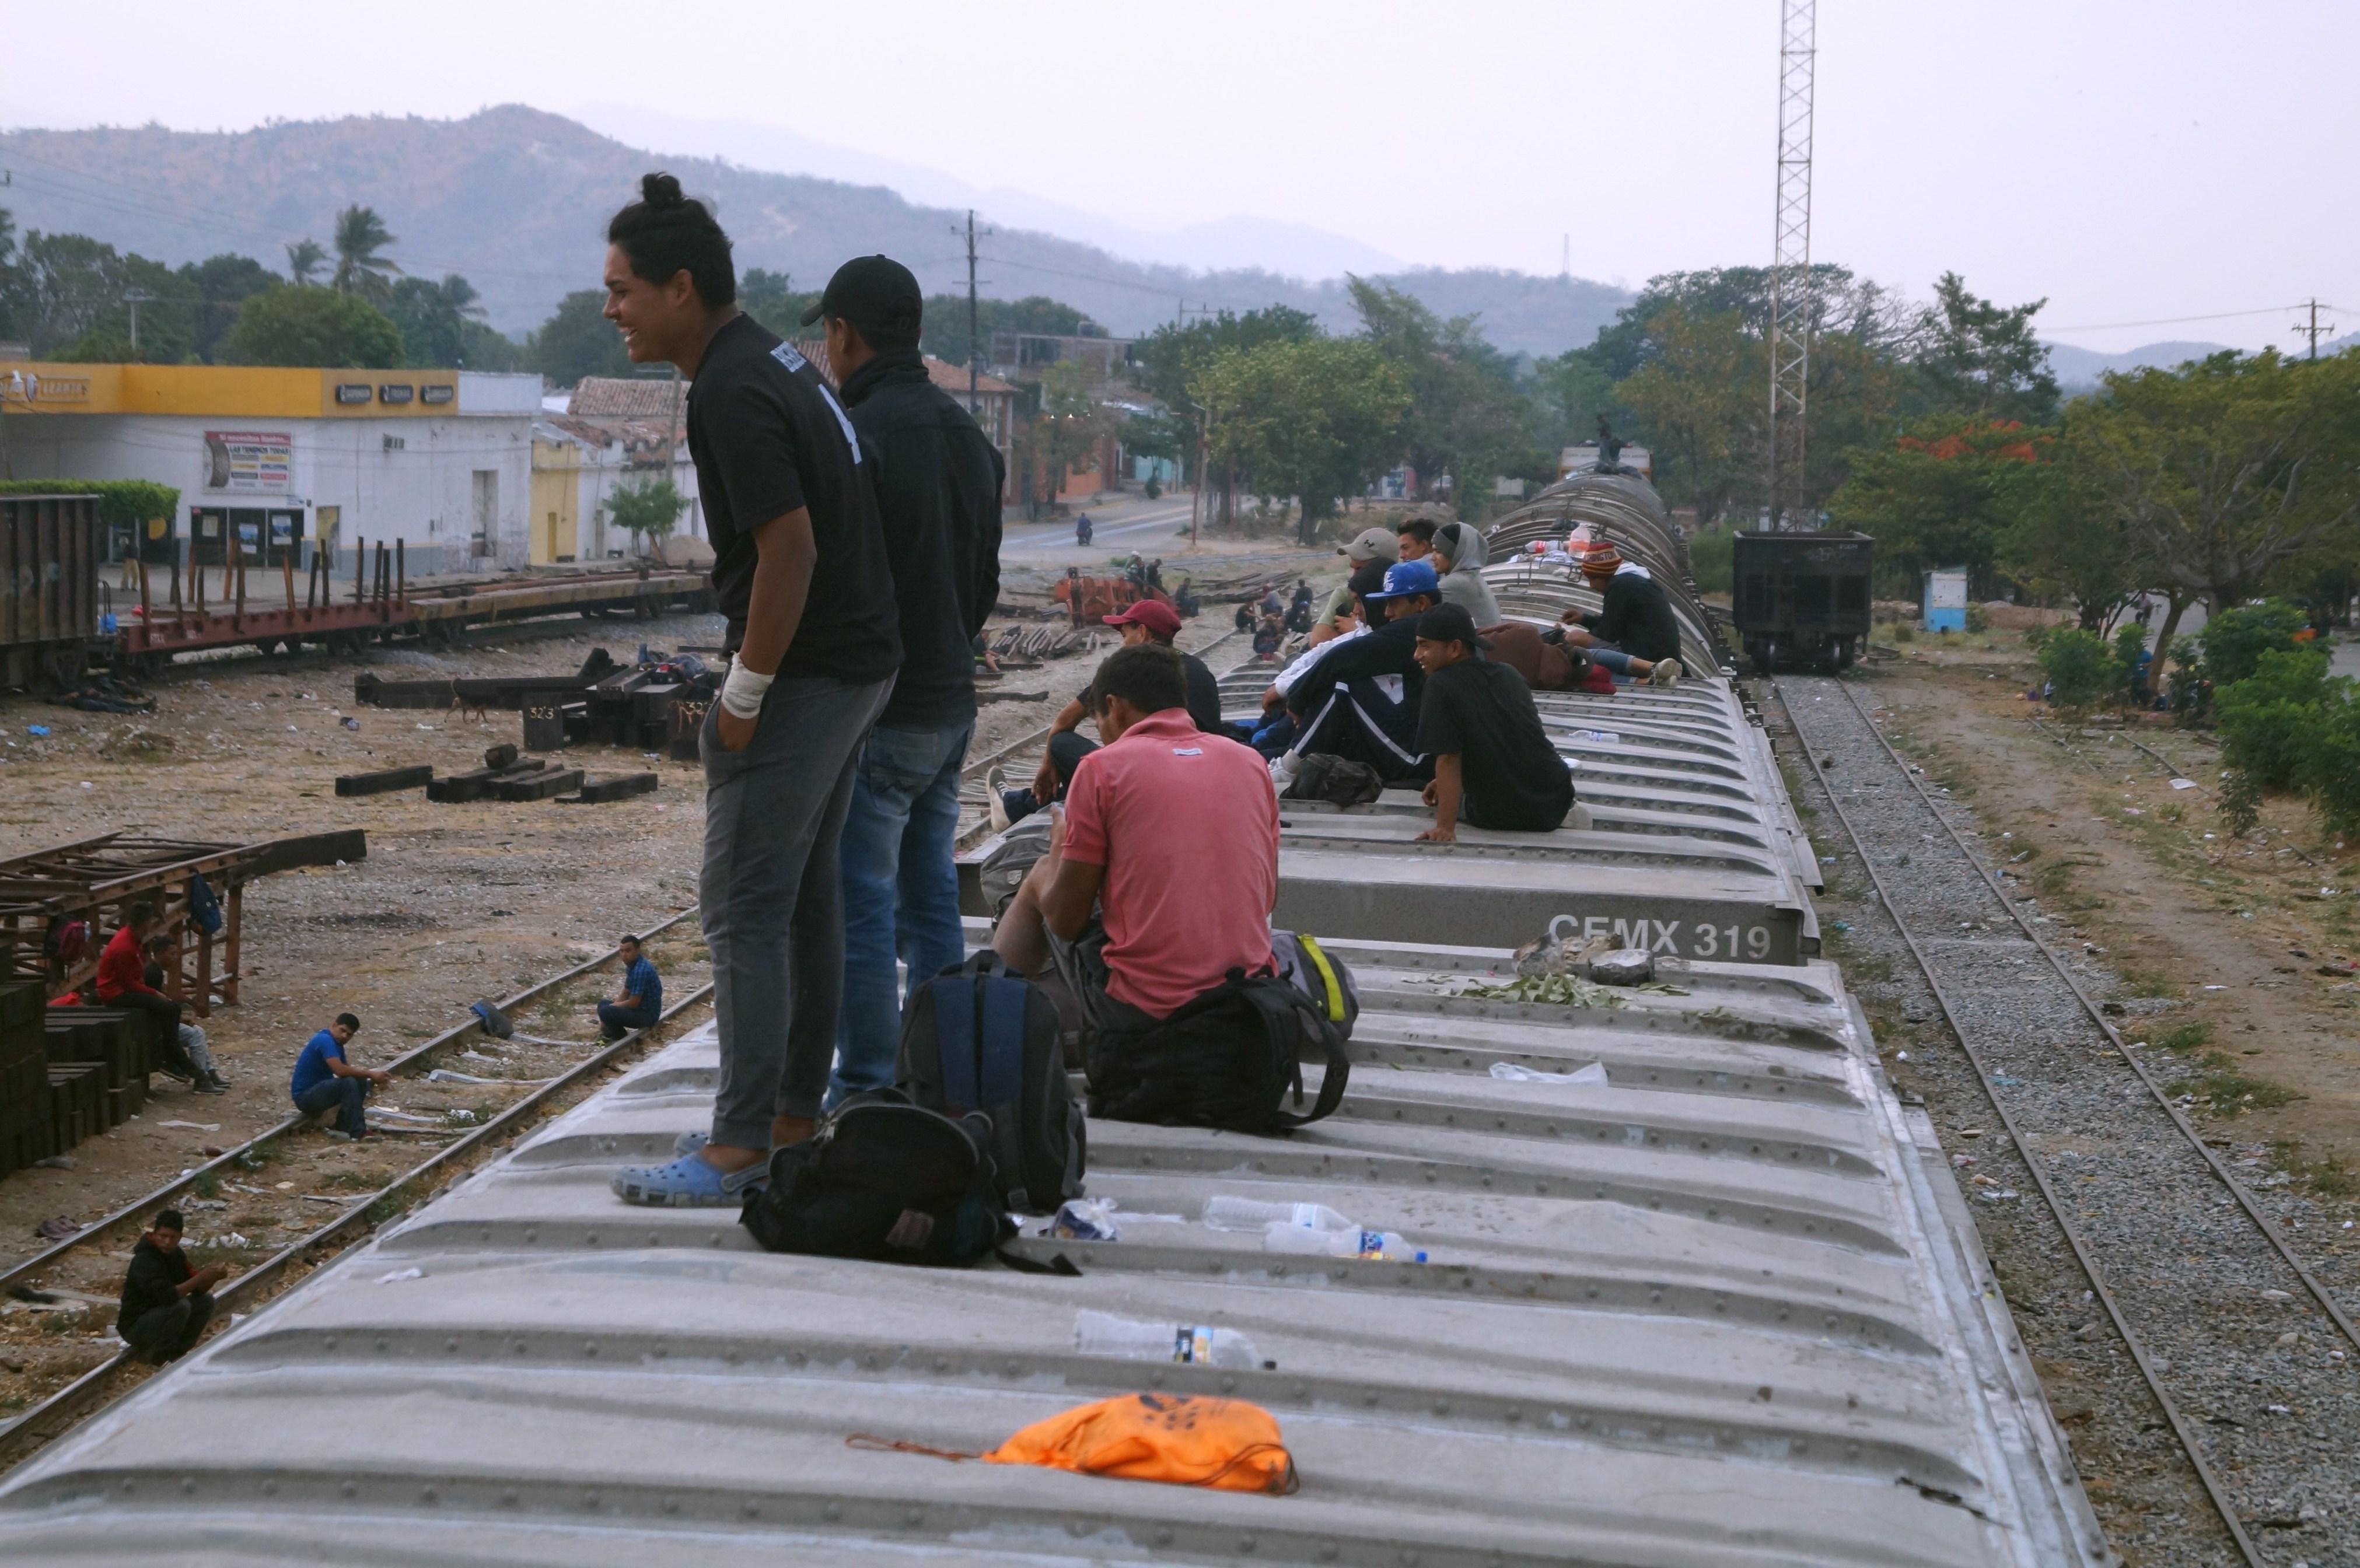 Migrantes en el sur de México buscan nuevas rutas en pos del sueño americano